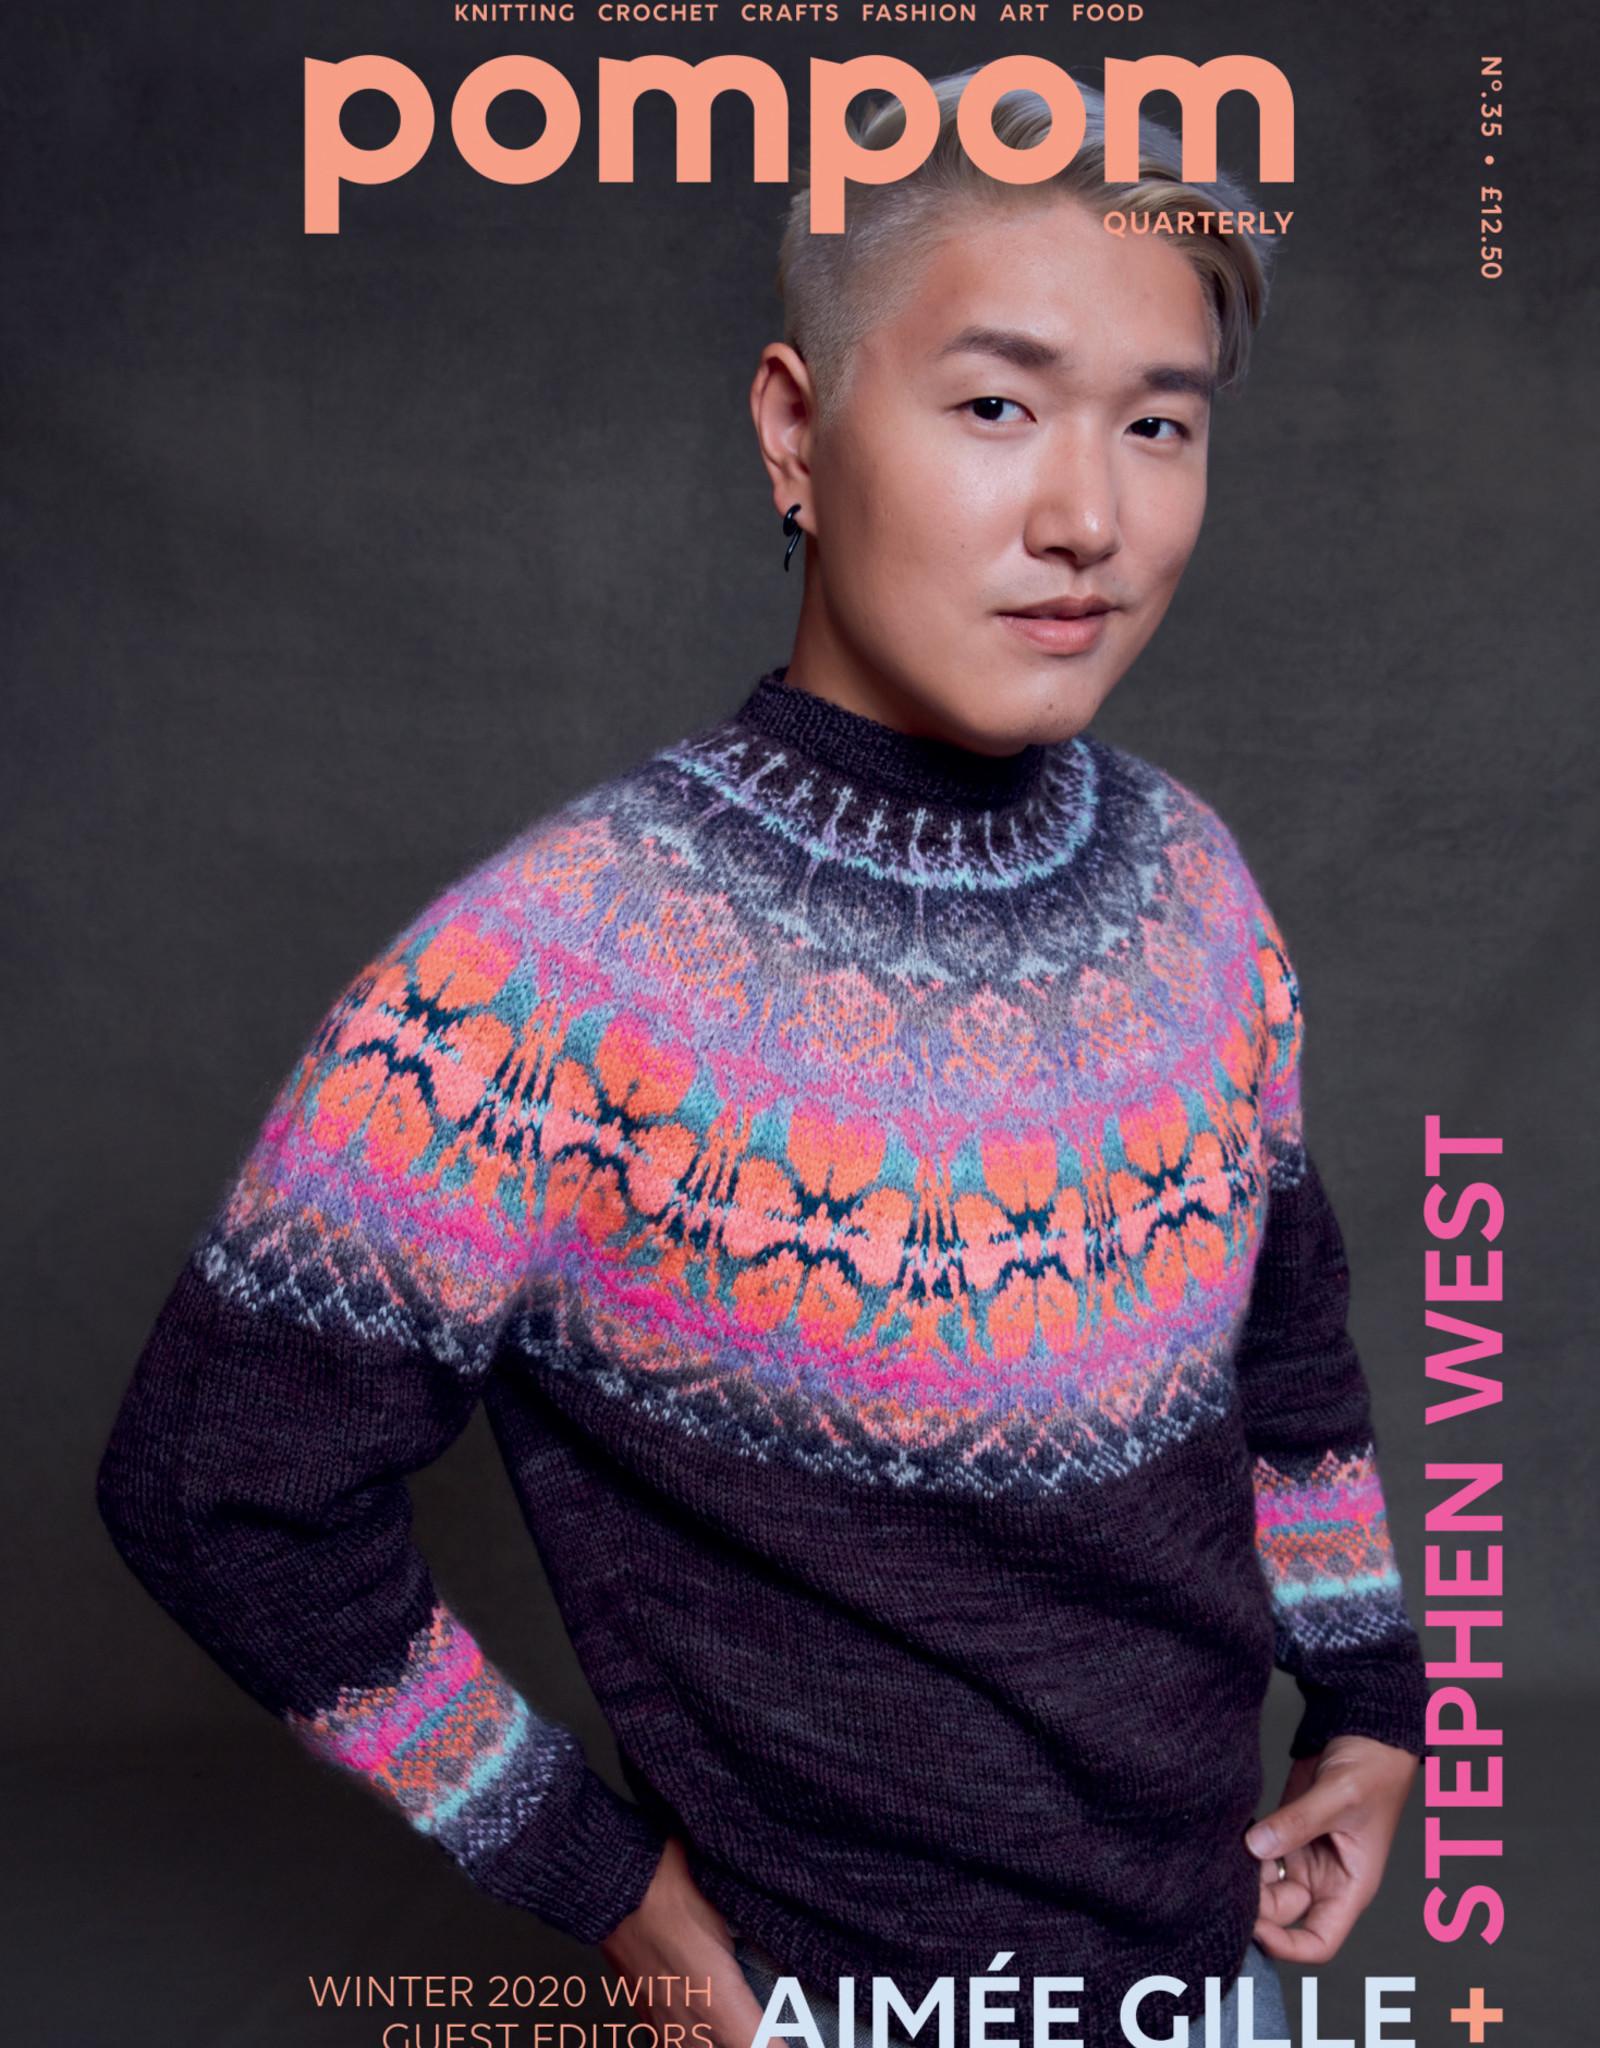 Pom Pom Pom Pom 35 Quarterly Magazine